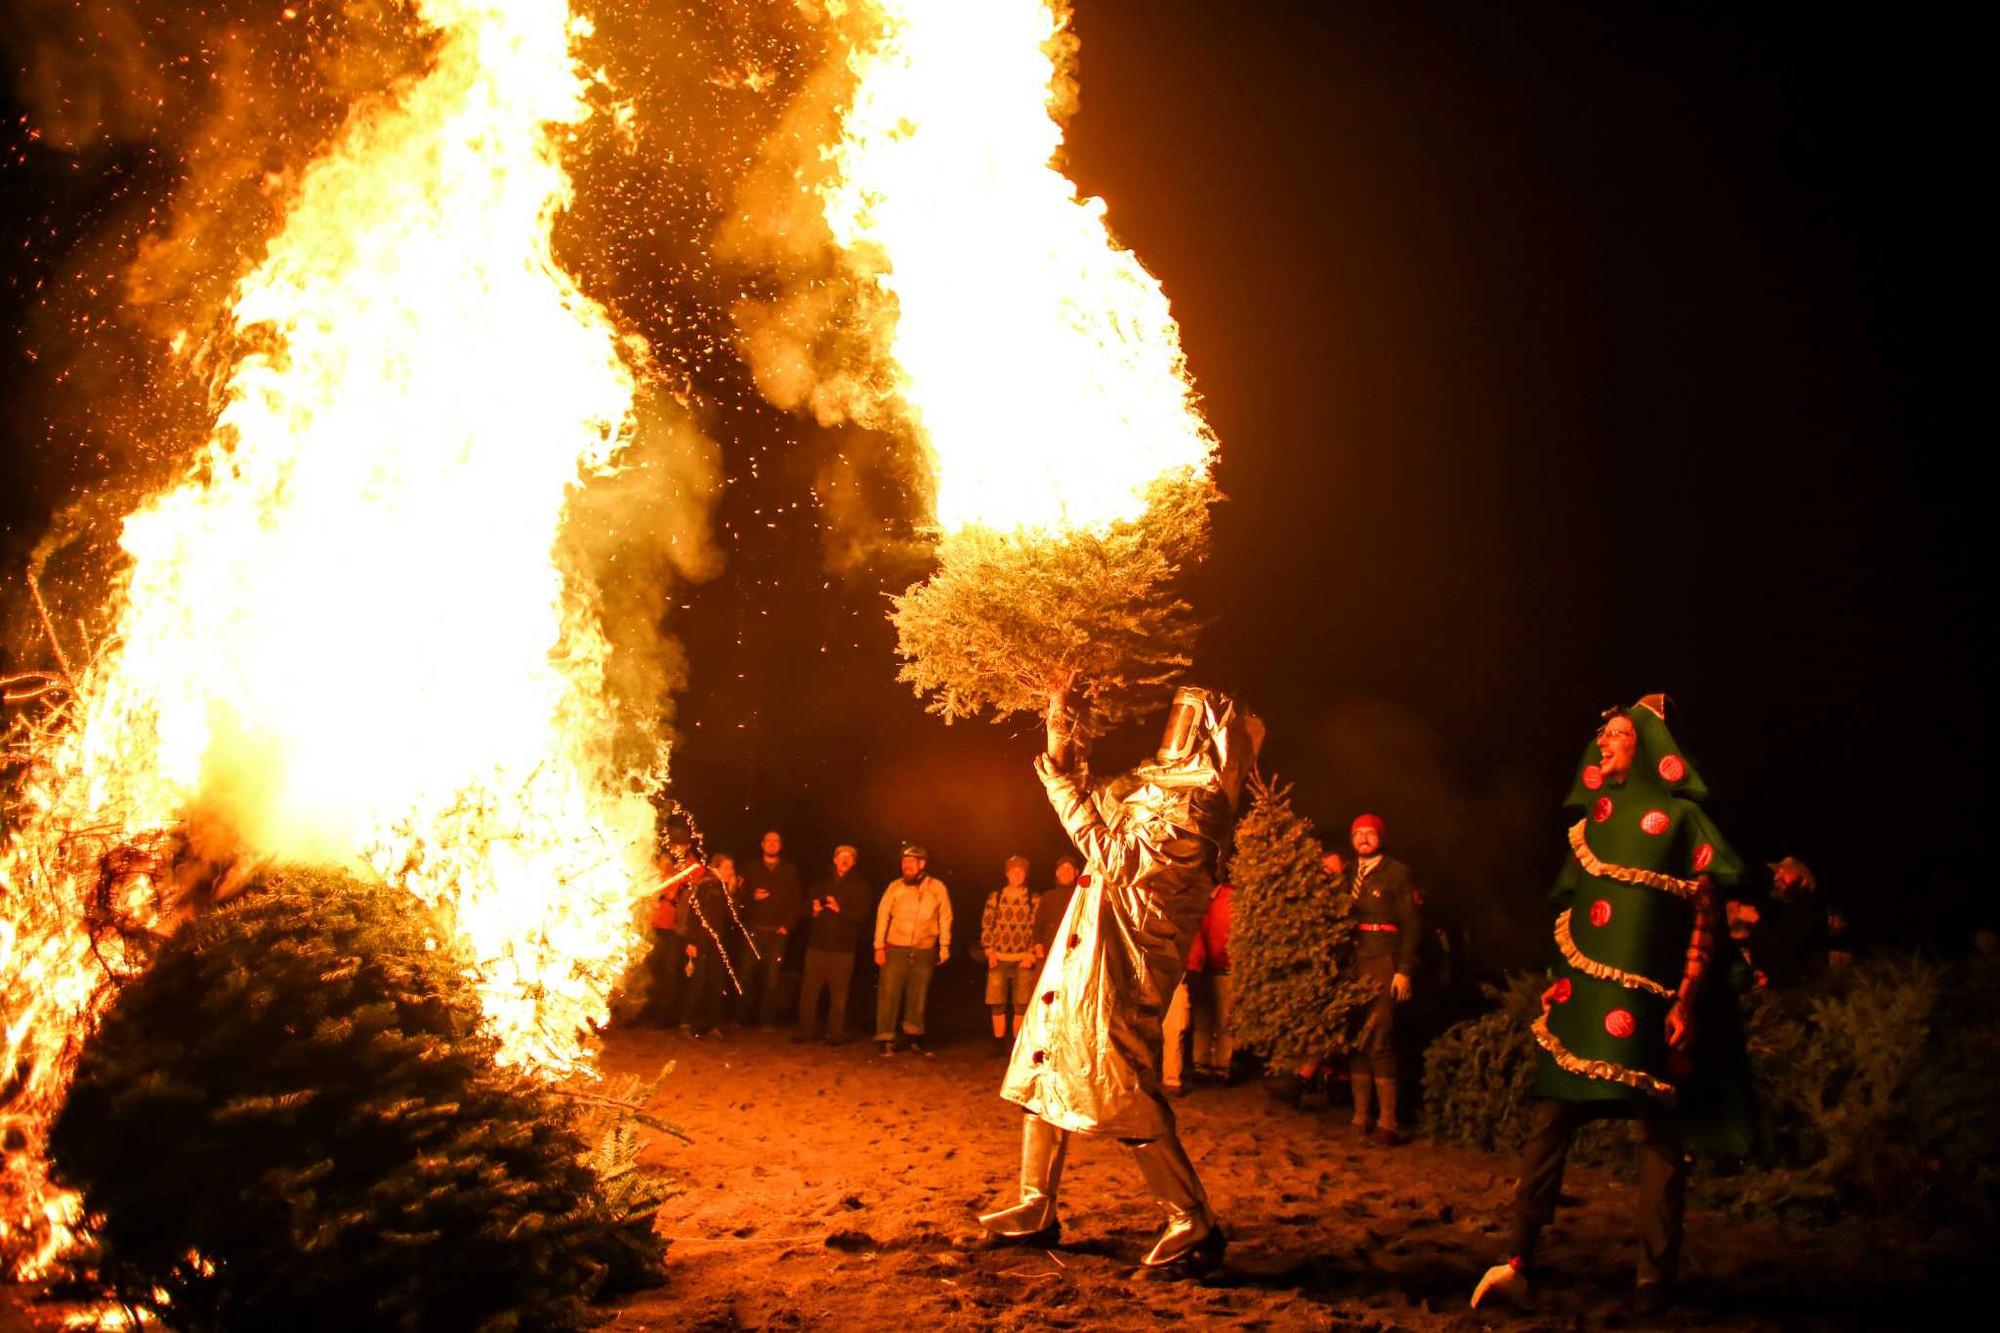 Những phong tục đón năm mới kỳ lạ của các nước mà bạn sẽ muốn thử ít nhất một lần trong đời - Ảnh 11.